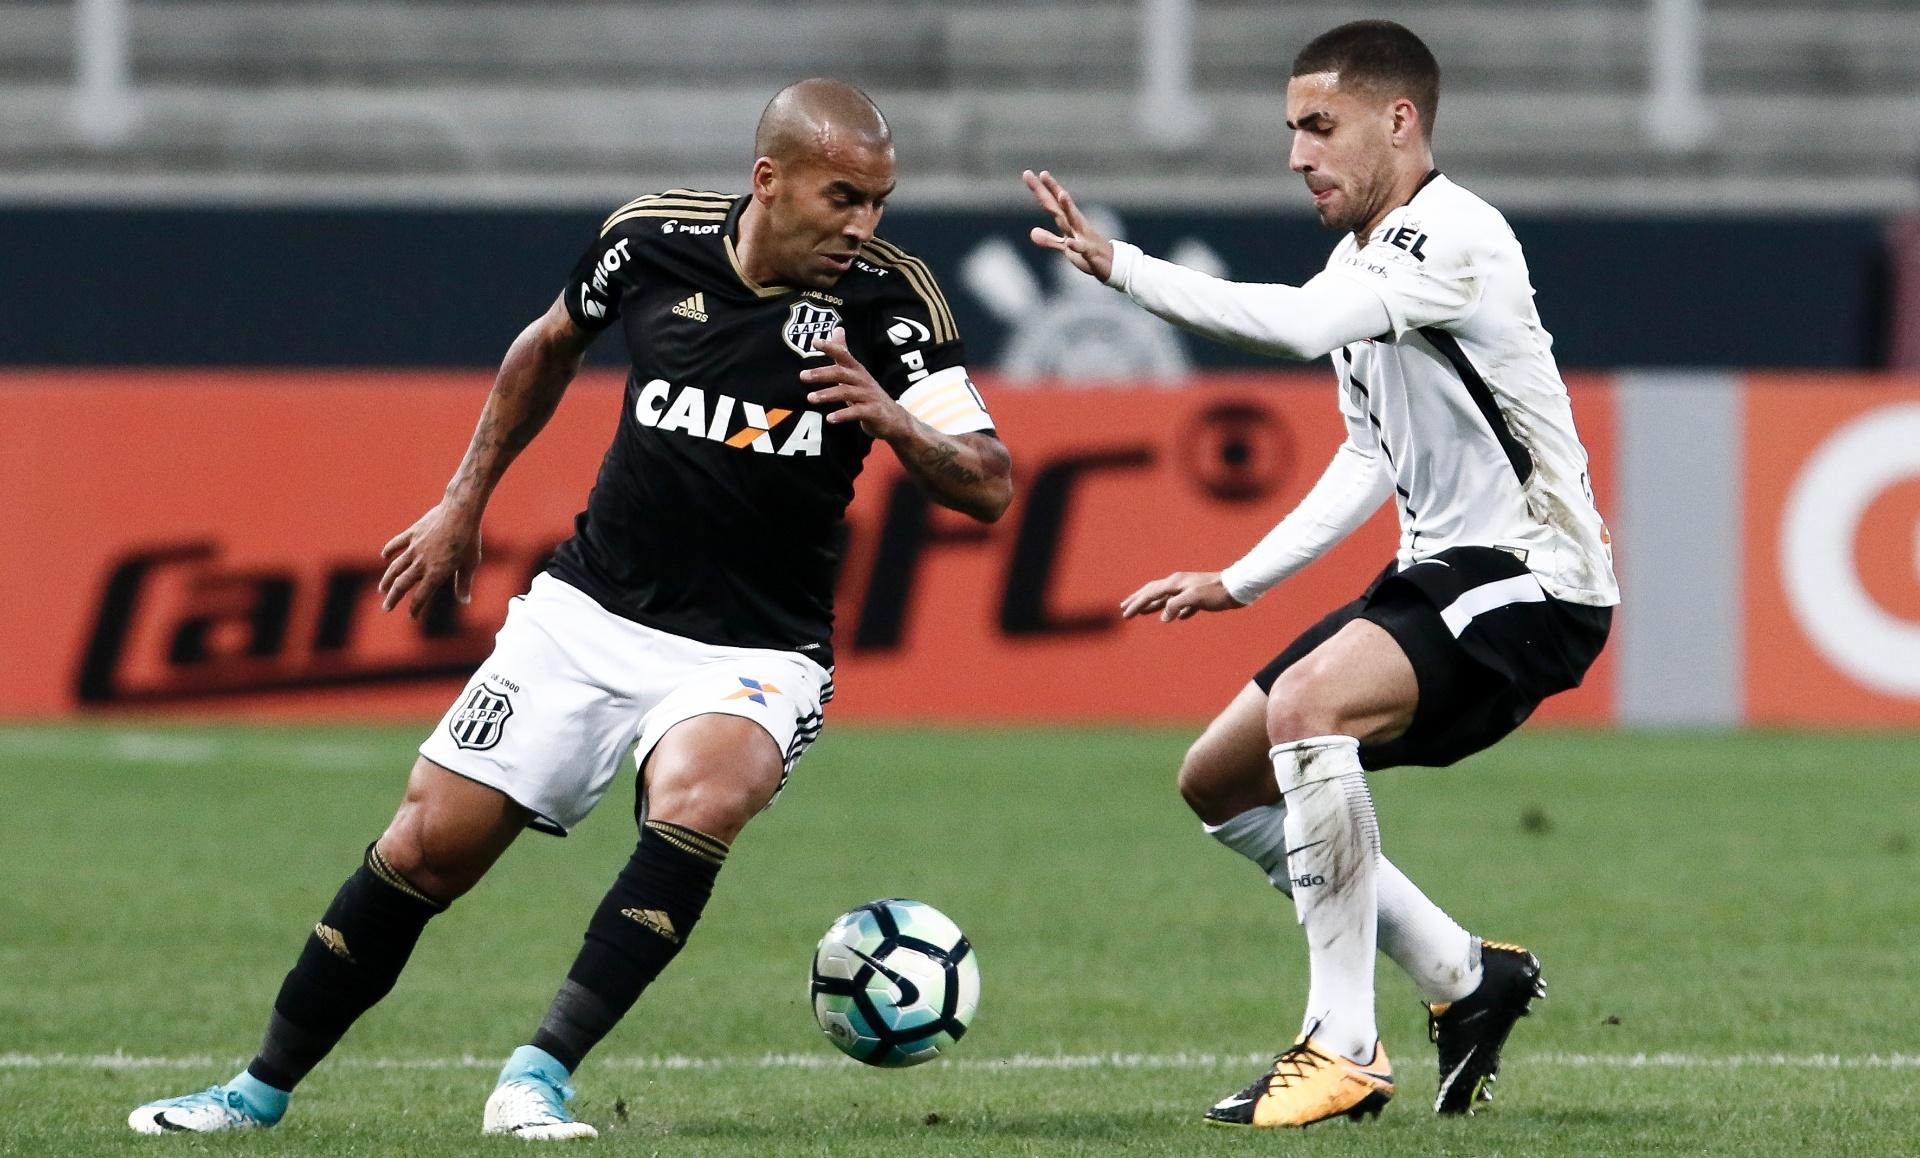 Sheik manda parabéns ao amigo Fábio Carille pela campanha no Corinthians -  31 08 2017 - UOL Esporte 1883b19197001